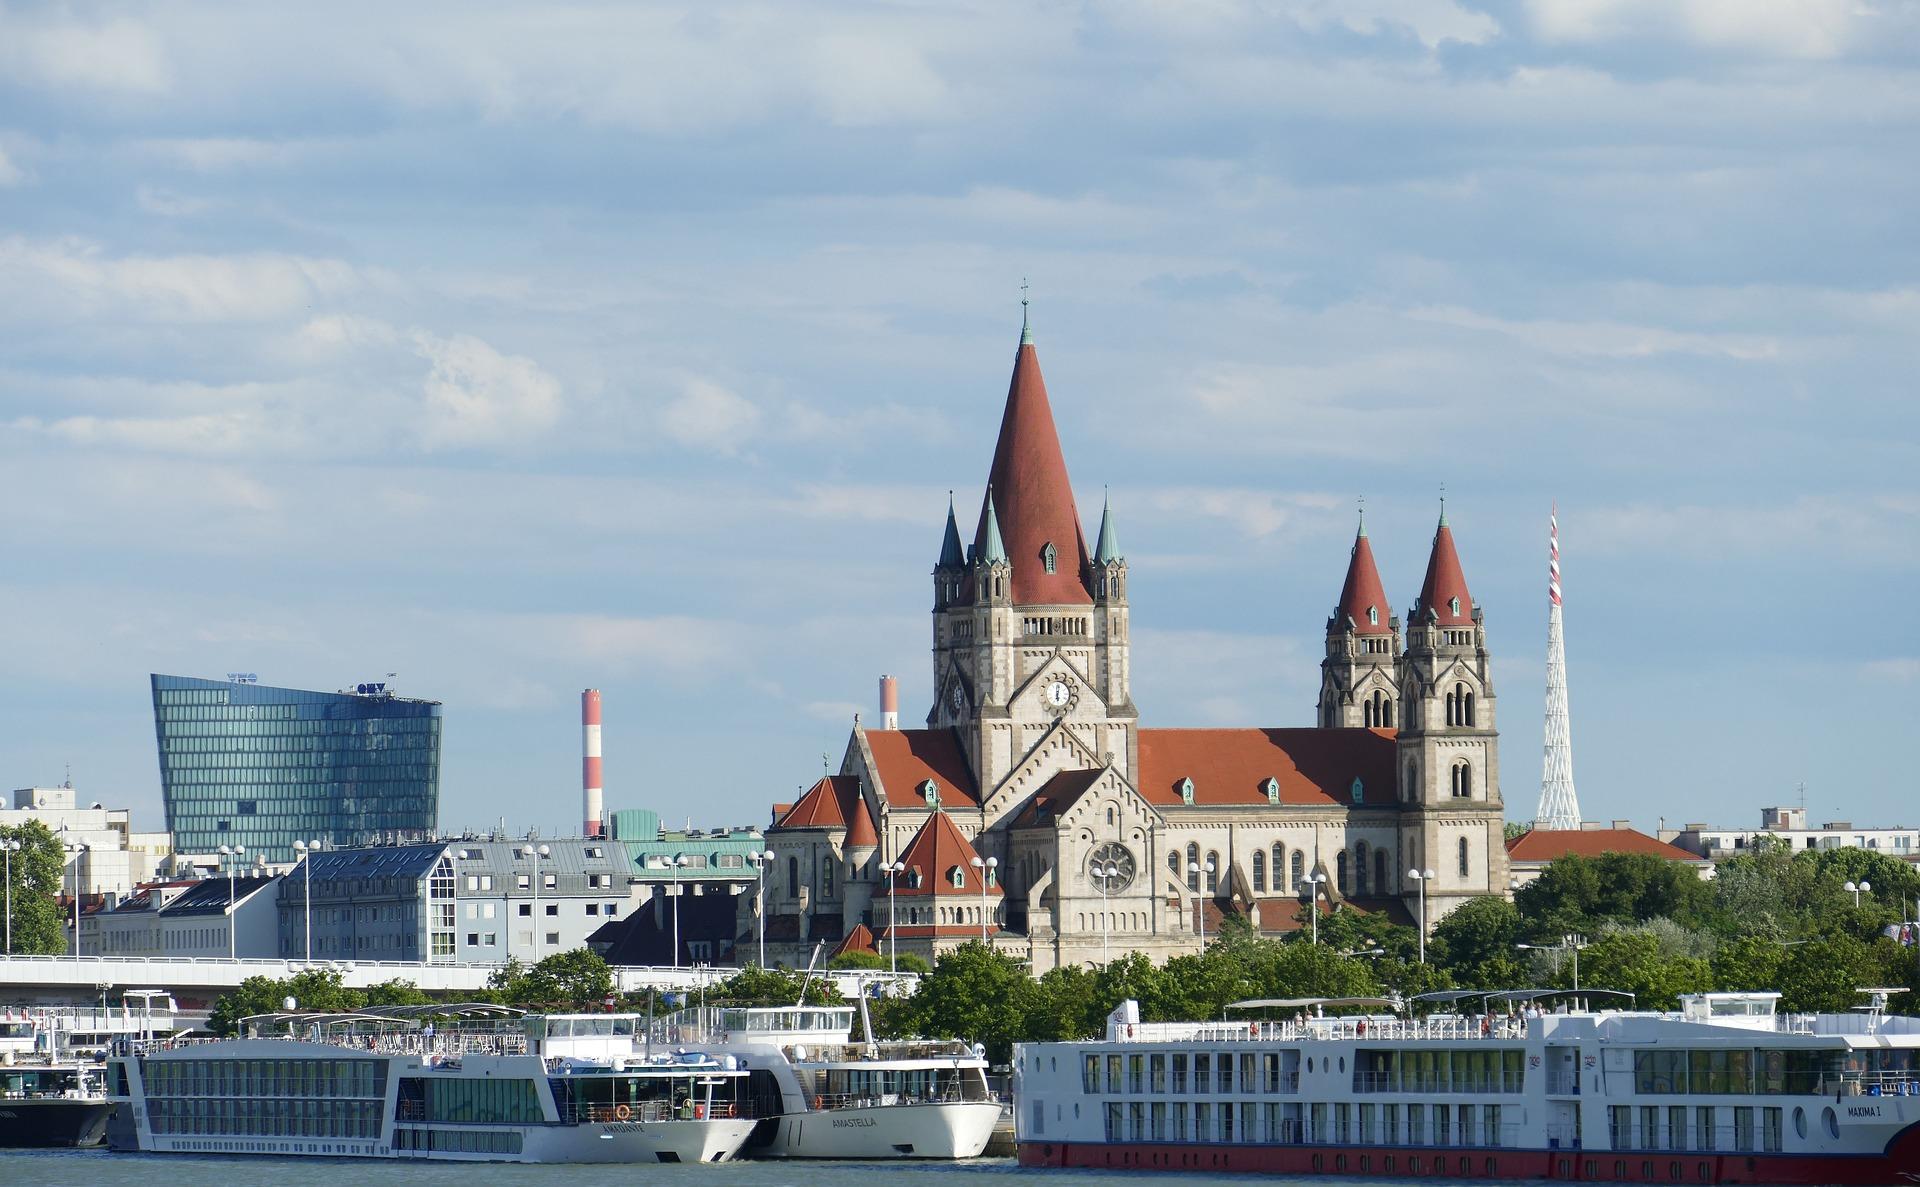 Flug nach Wien ab 7,49€ Deswegen mit Laudamotion fliegen